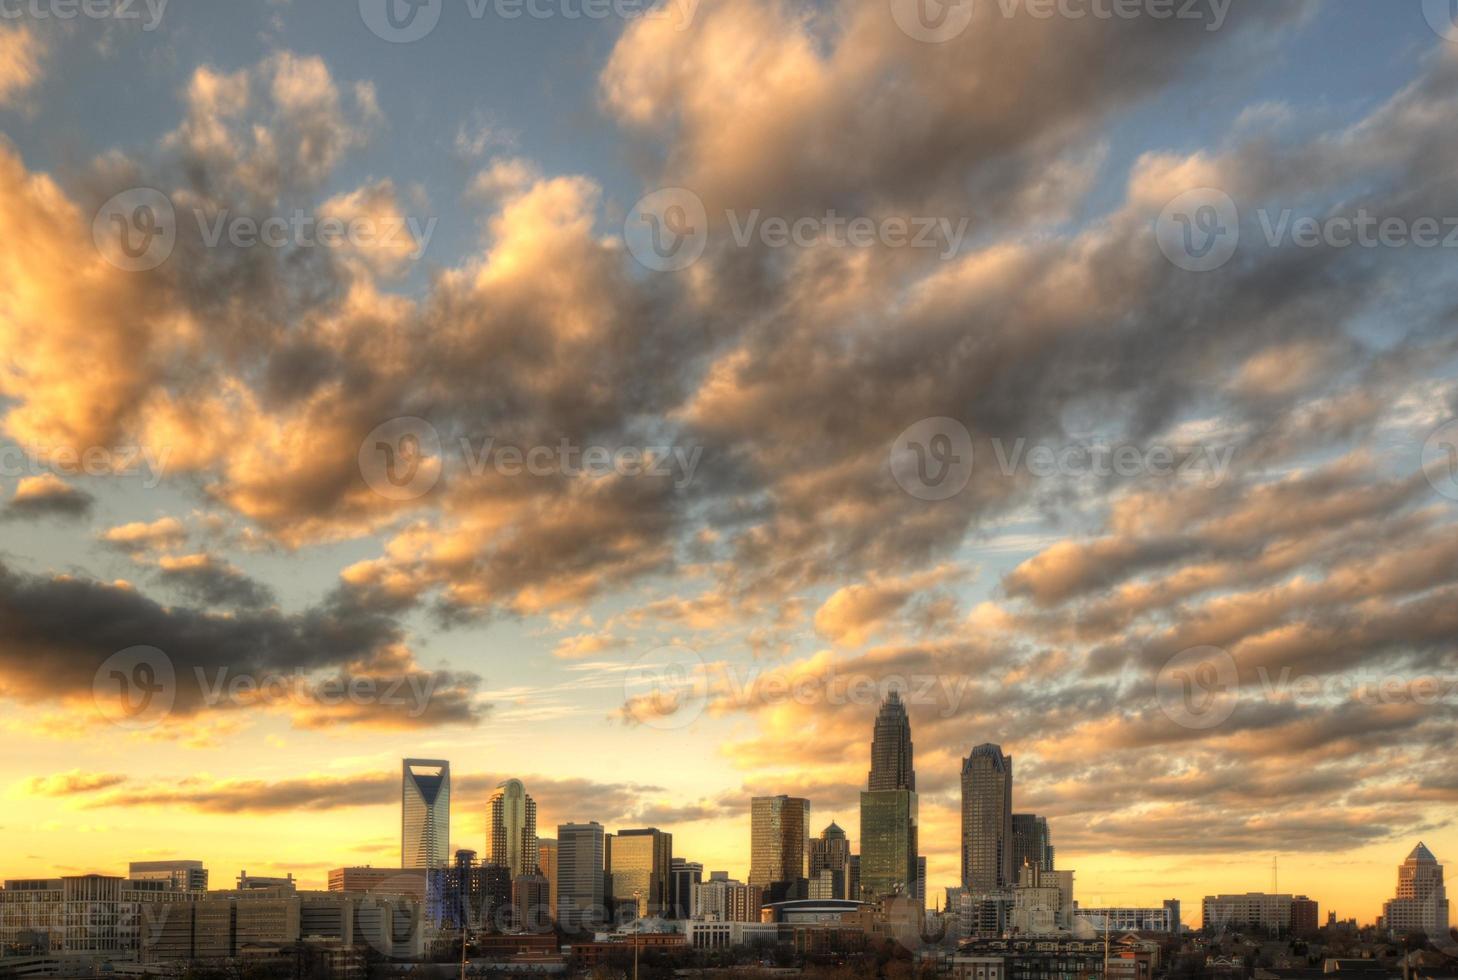 Skyline von Uptown Charlotte unter einem orangefarbenen Sonnenuntergang foto